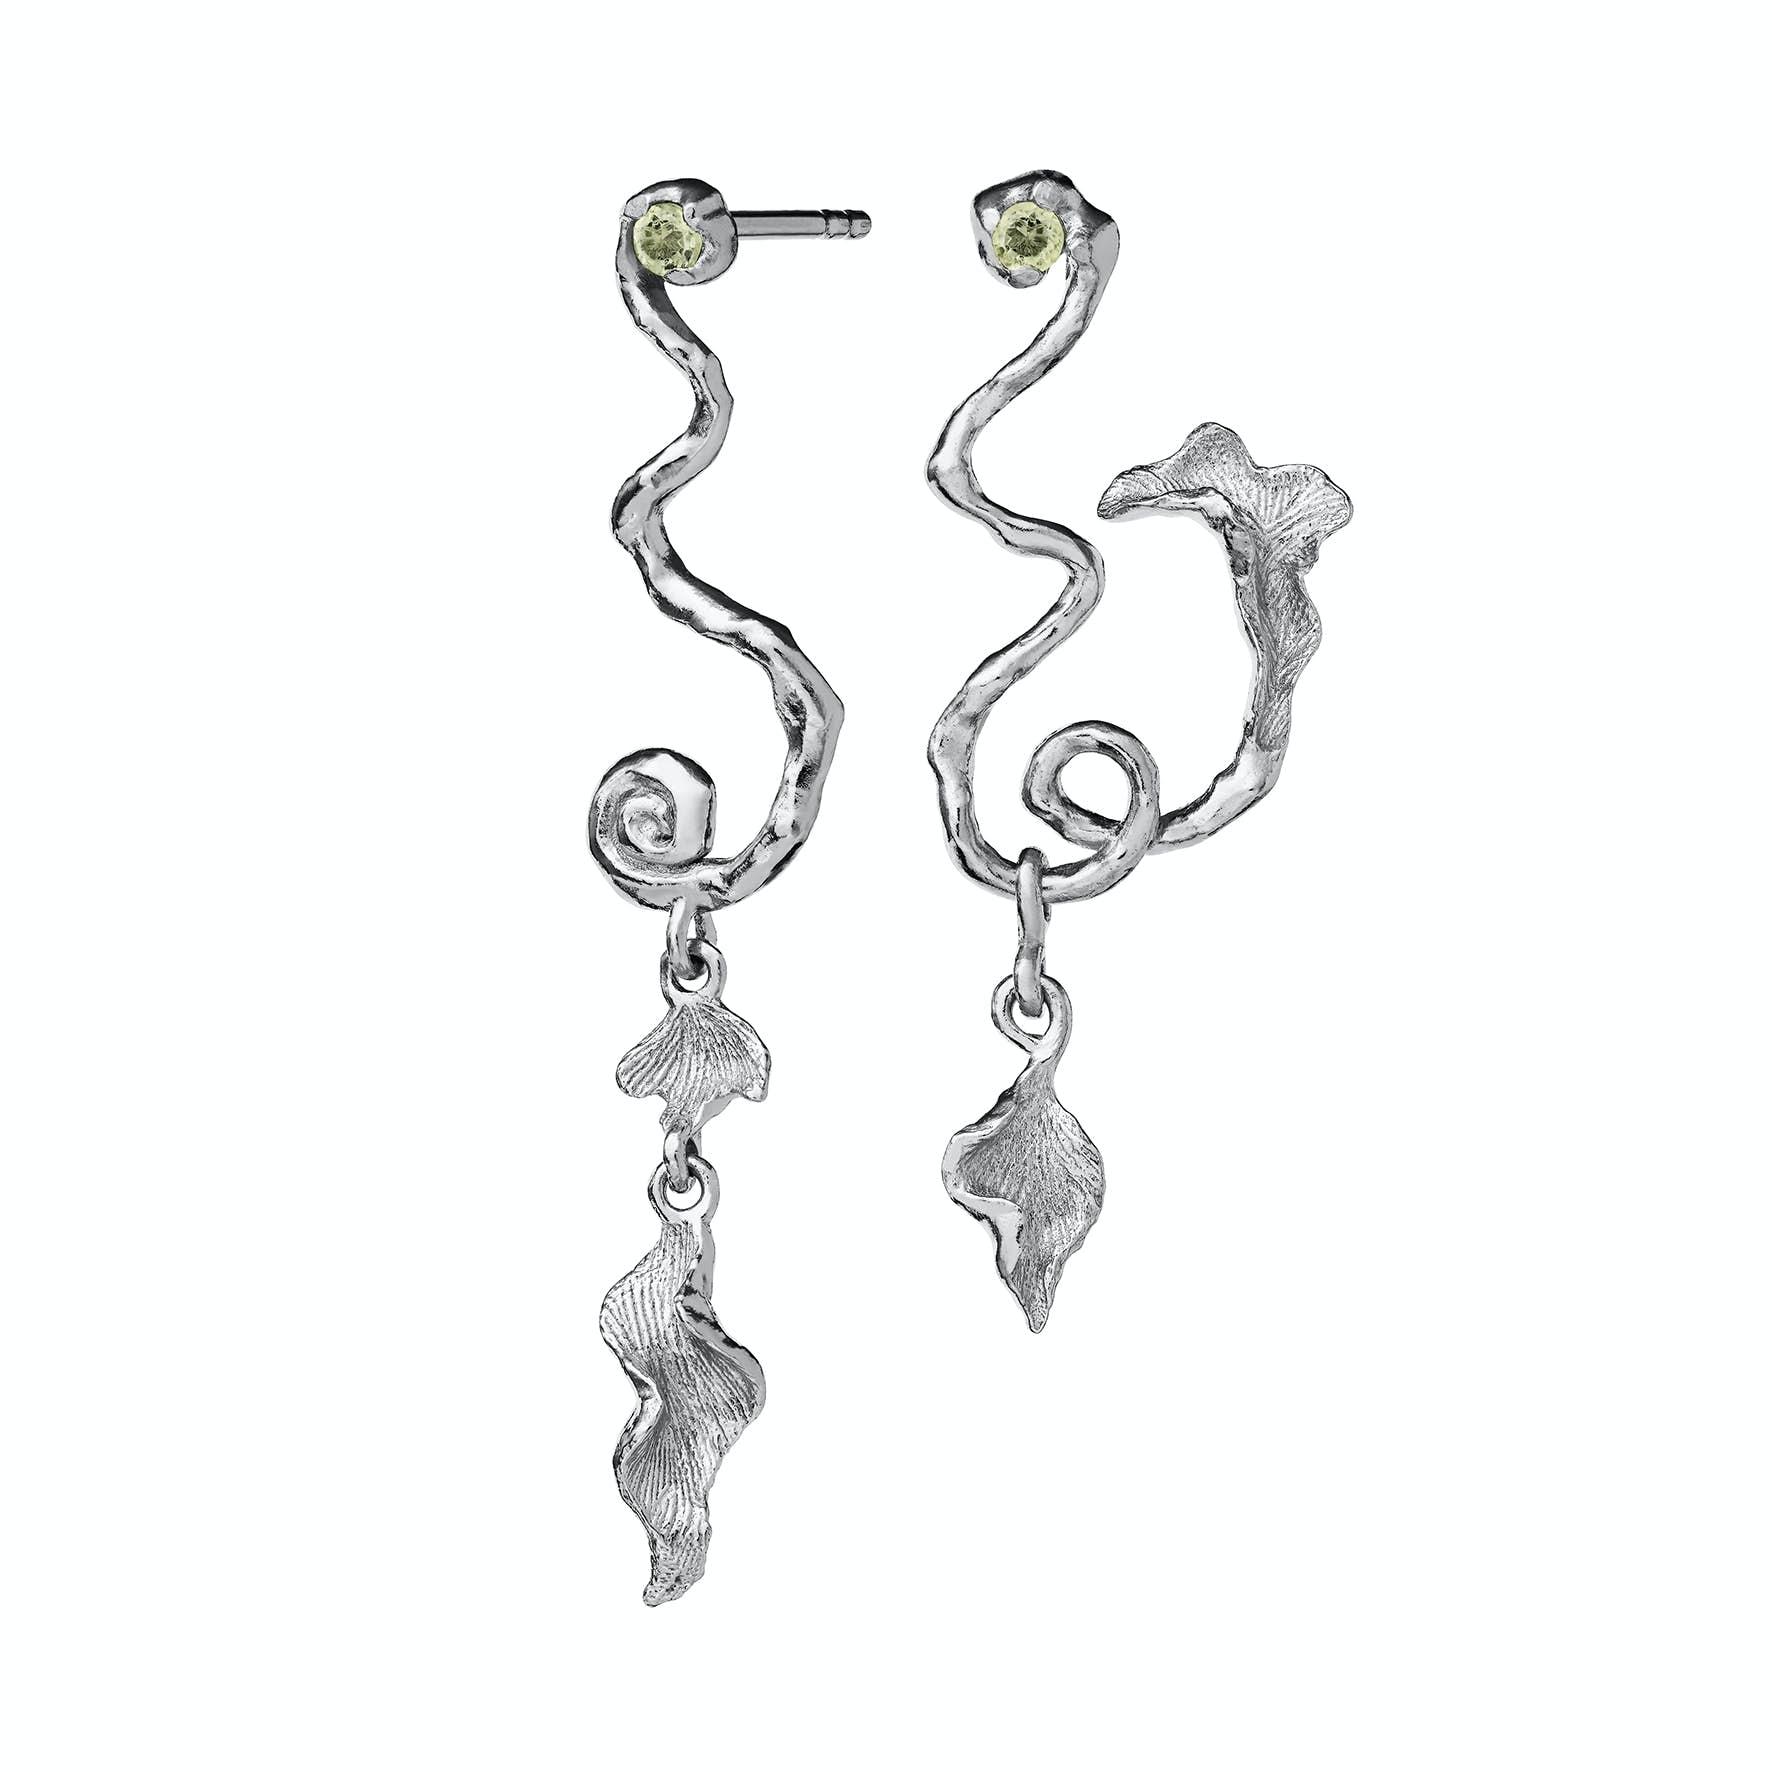 Magnoli Earrings from Maanesten in Silver Sterling 925